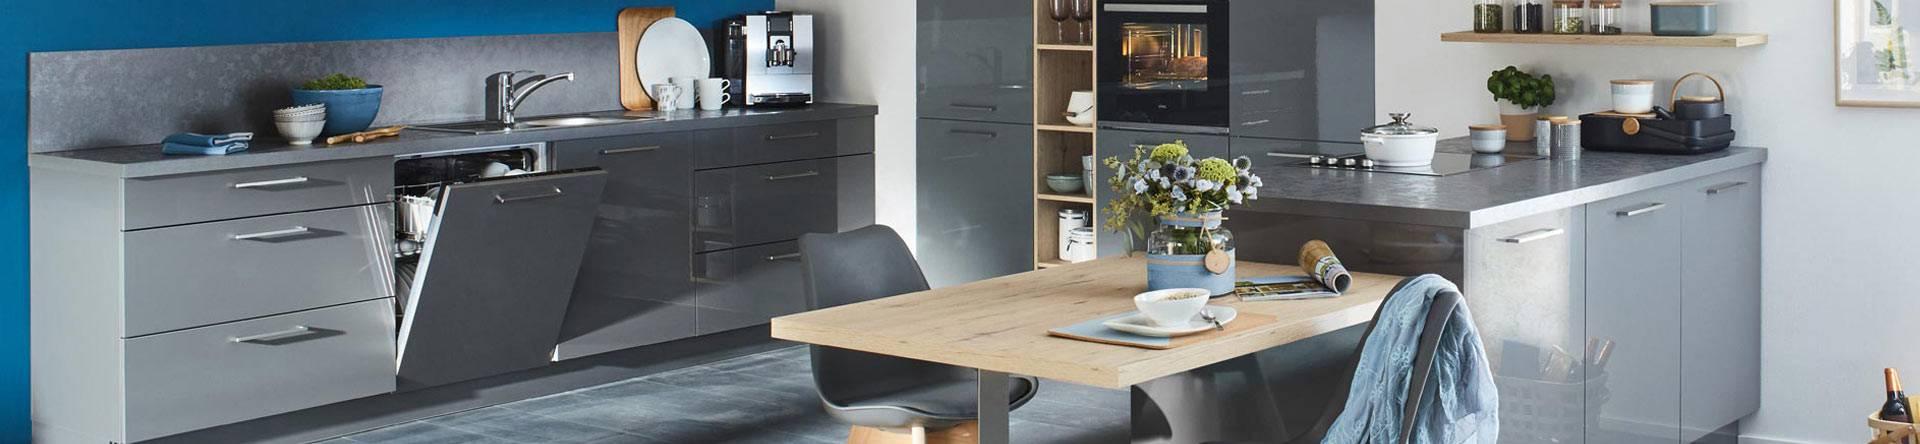 Full Size of Küche Billig Planen Küche Holz Billig Küche Neu Billig Küche Billig Selber Bauen Küche Küche Billig